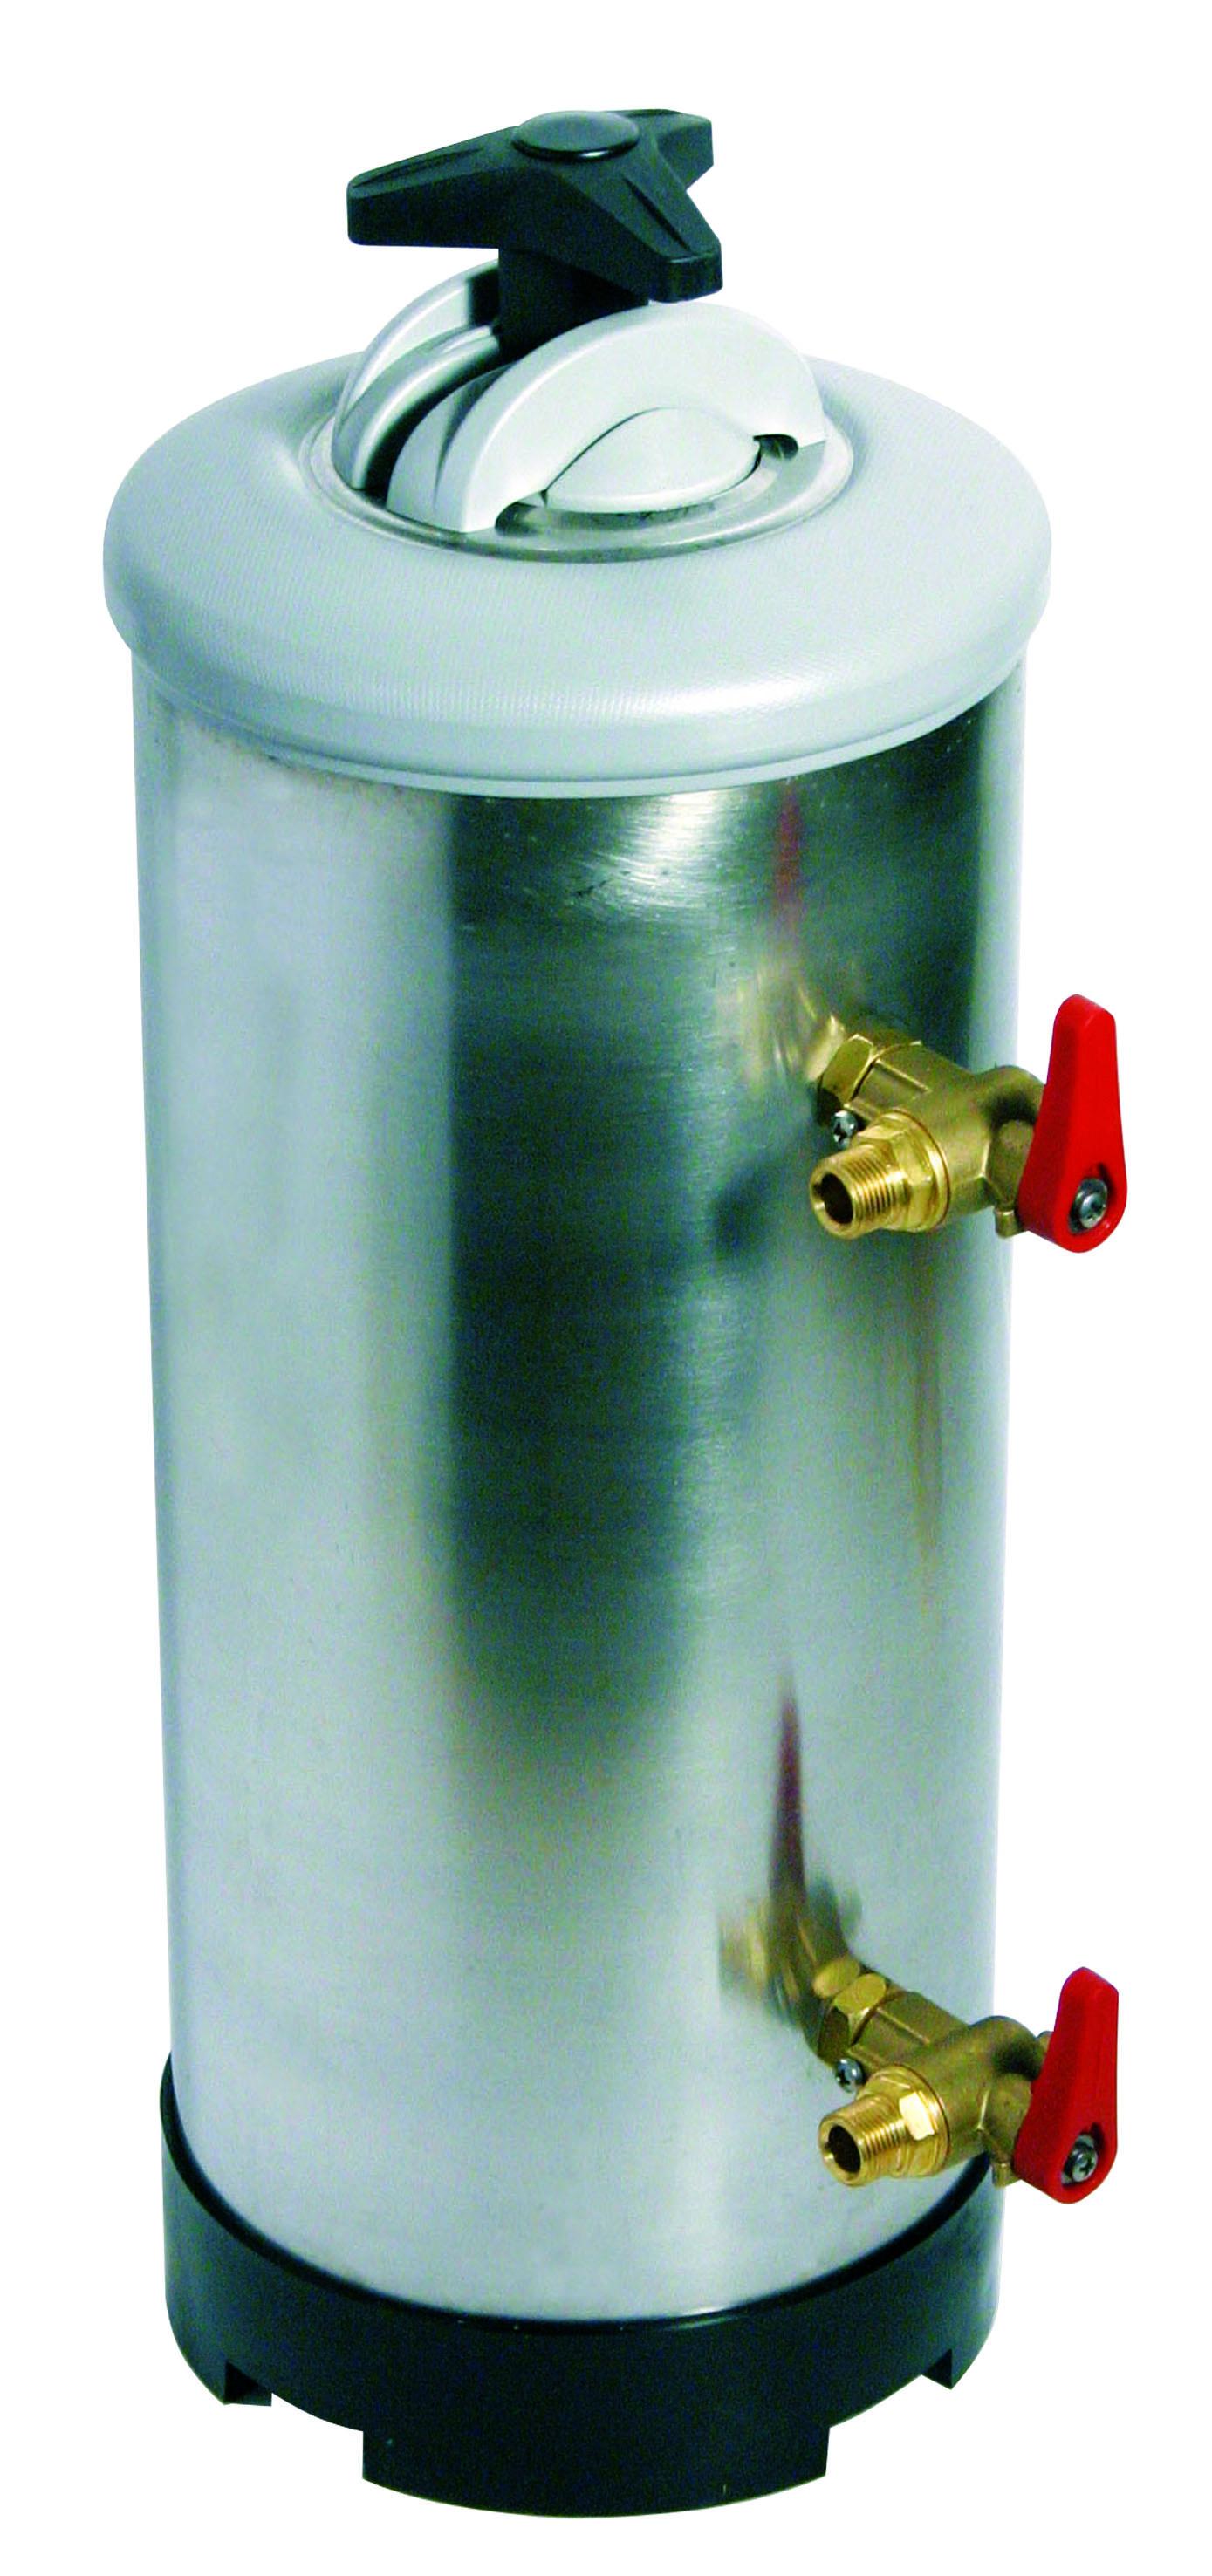 Změkčovač vody LT 20 REDFOX